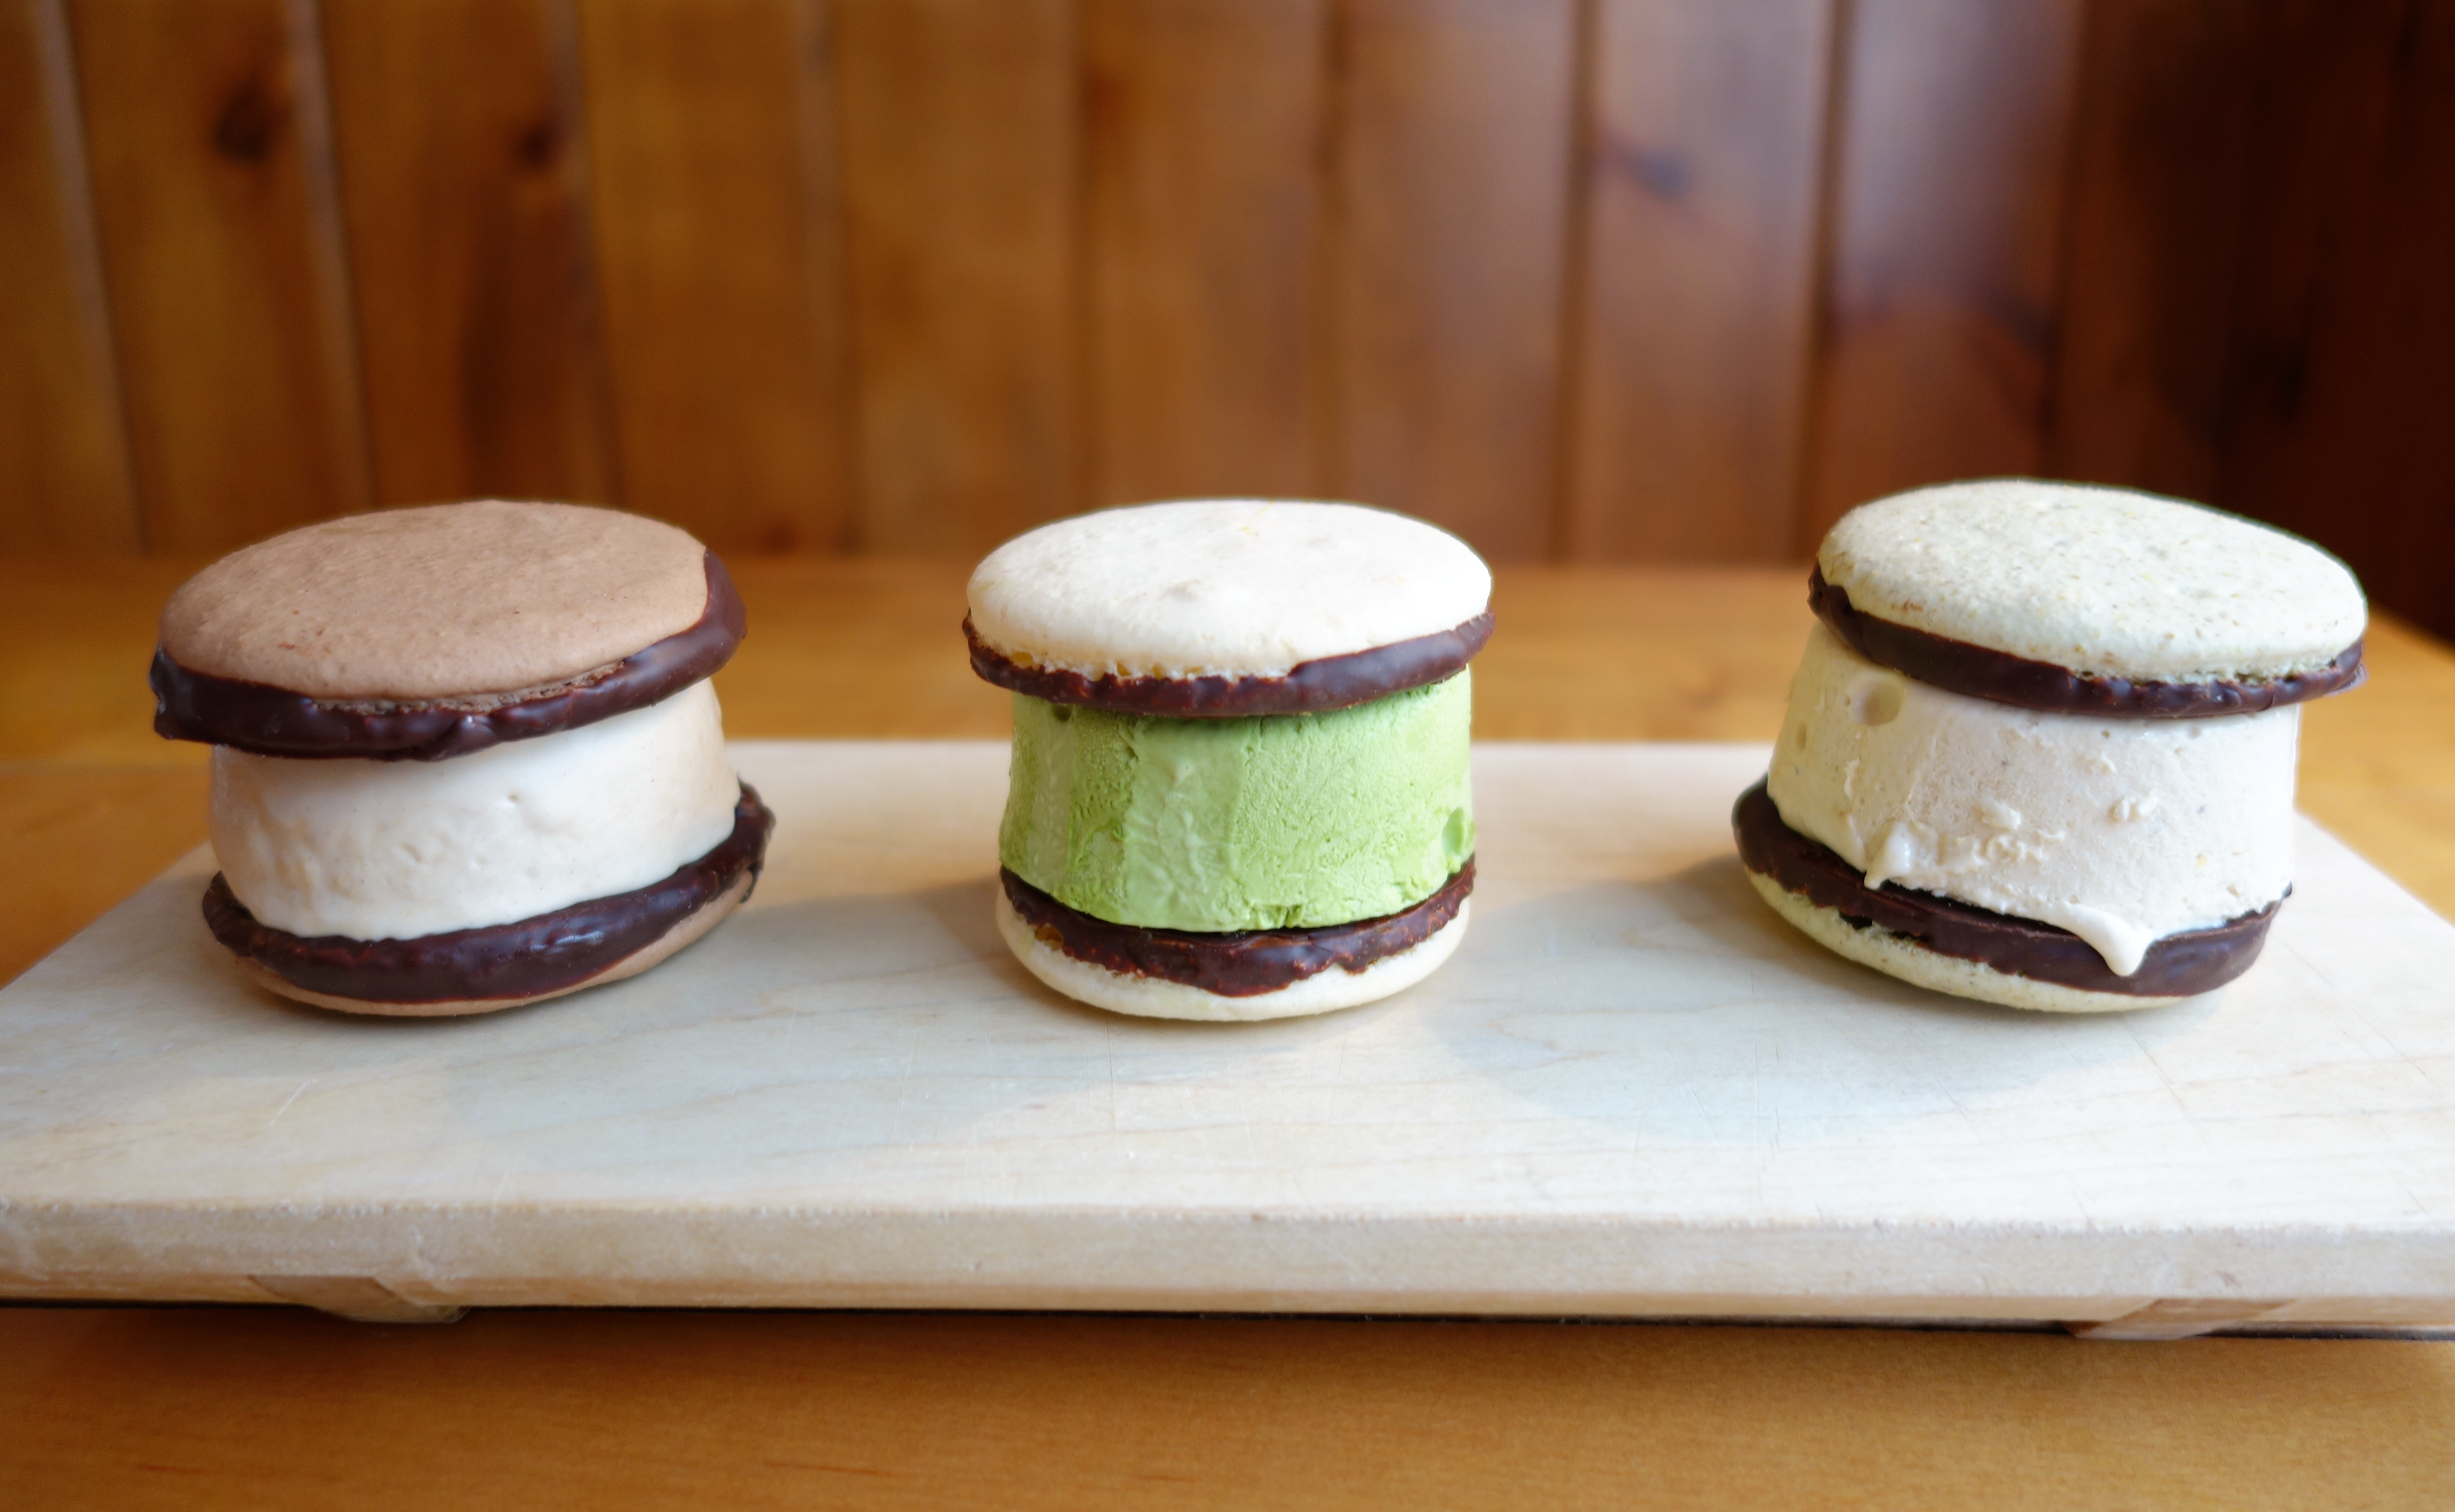 Macaron ice cream sandwiches at L.A. Burdick